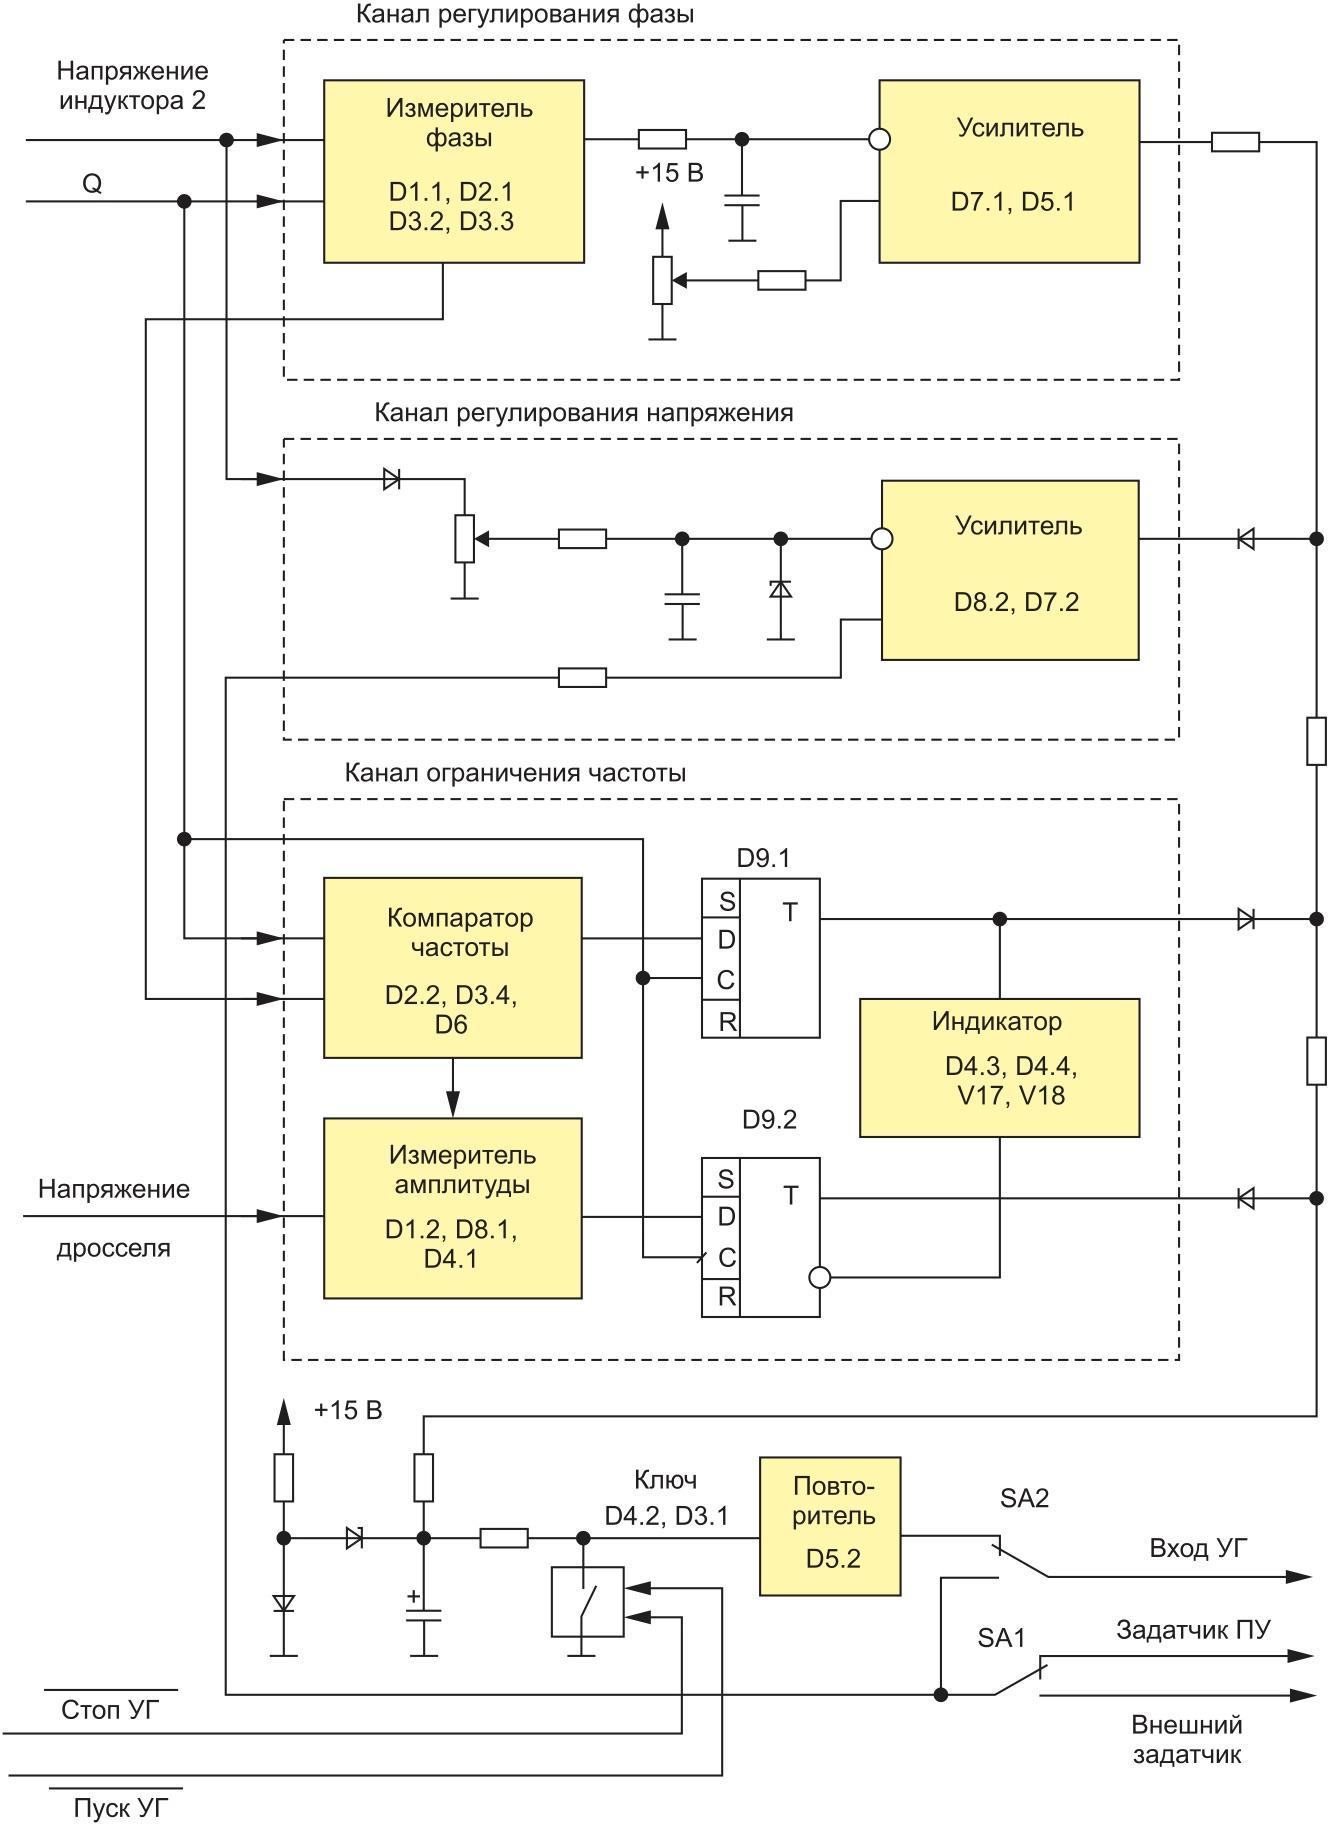 Электрическая функциональная схема ячейки автоматики БУК